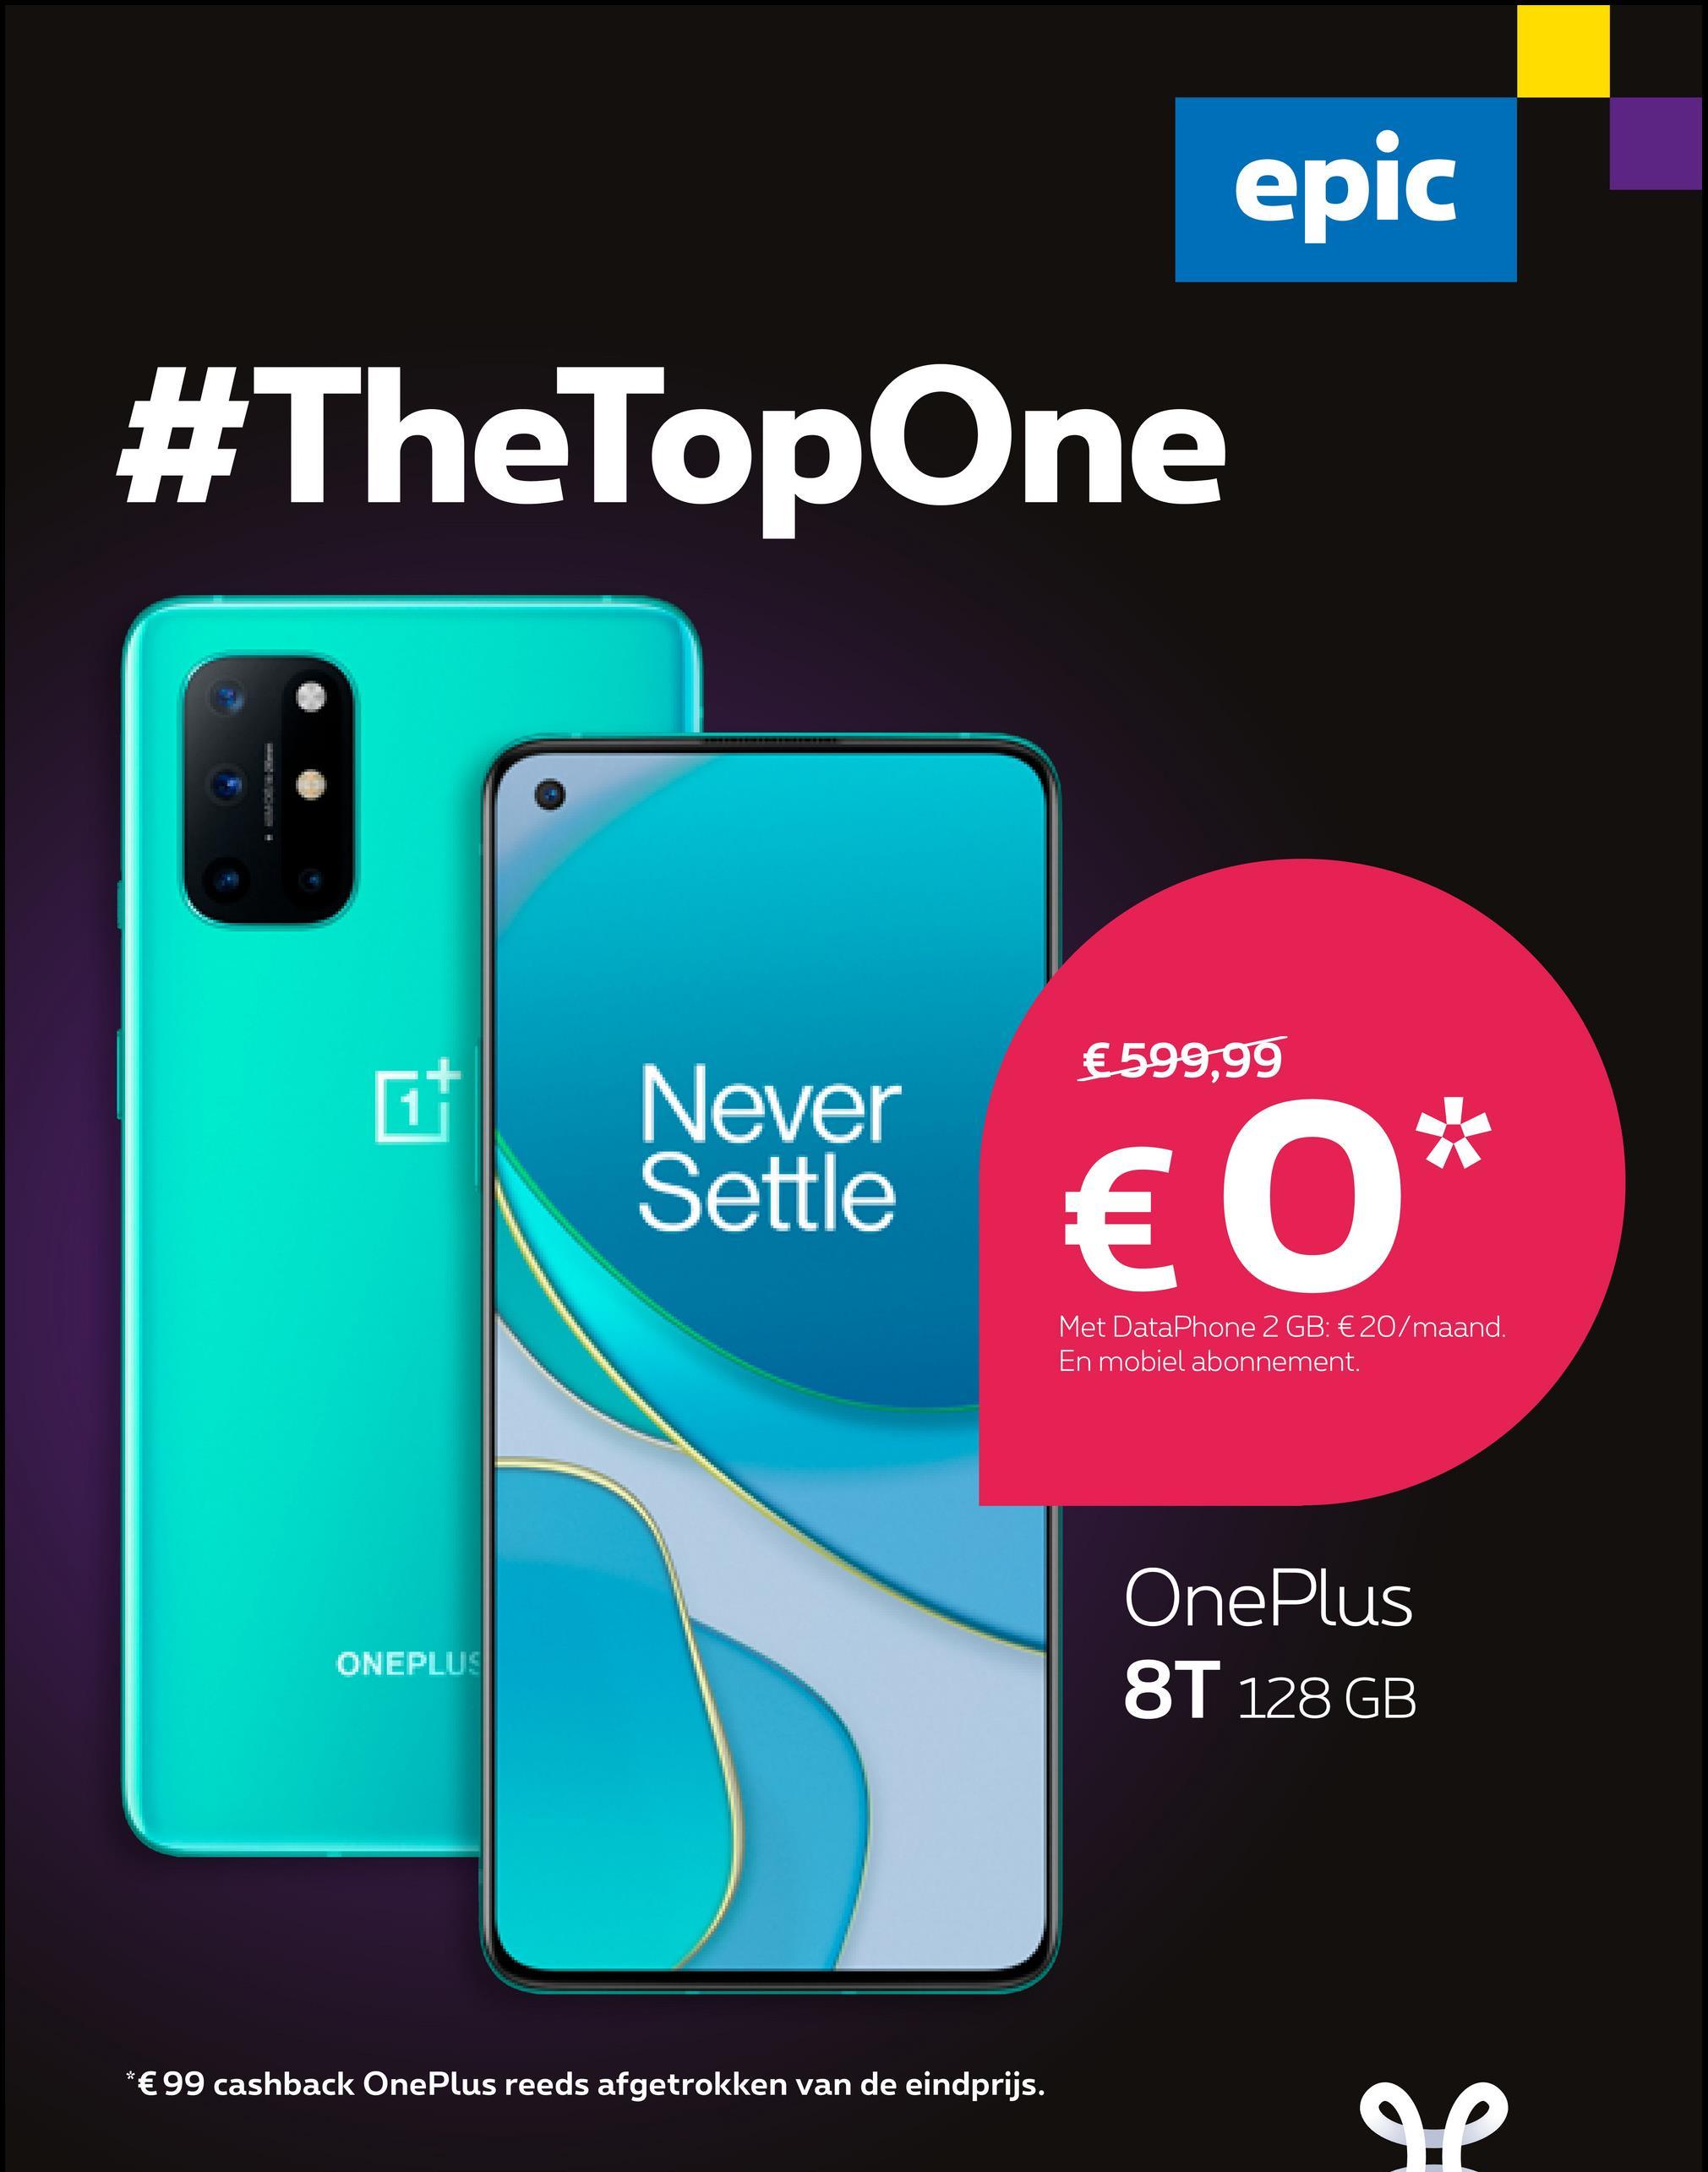 epic #TheTop One €599,99 Never Settle € 0* Met DataPhone 2 GB: €20/maand. En mobiel abonnement. OnePlus 8T 128 GB ONEPLUS *€99 cashback OnePlus reeds afgetrokken van de eindprijs. 9.